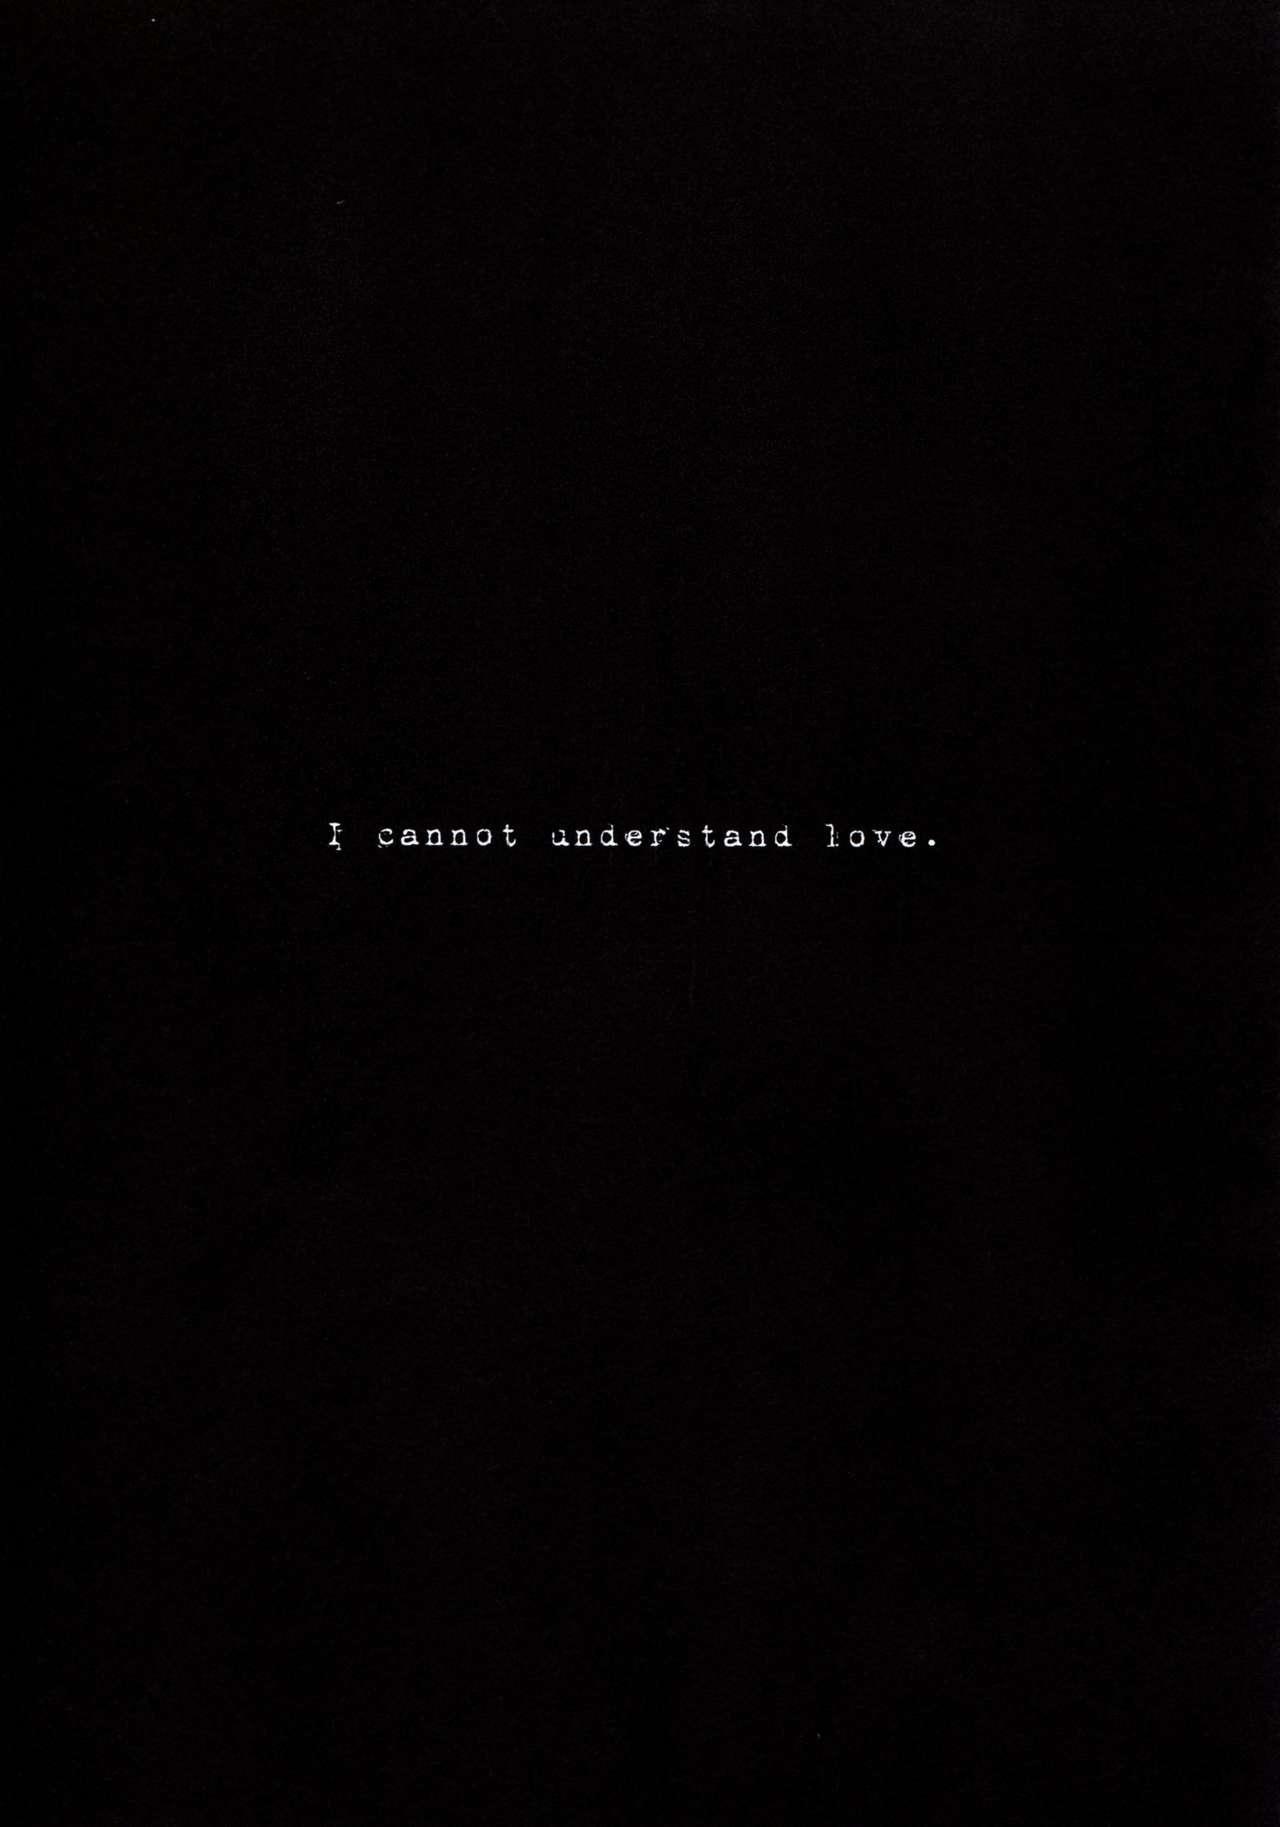 understand love. 24